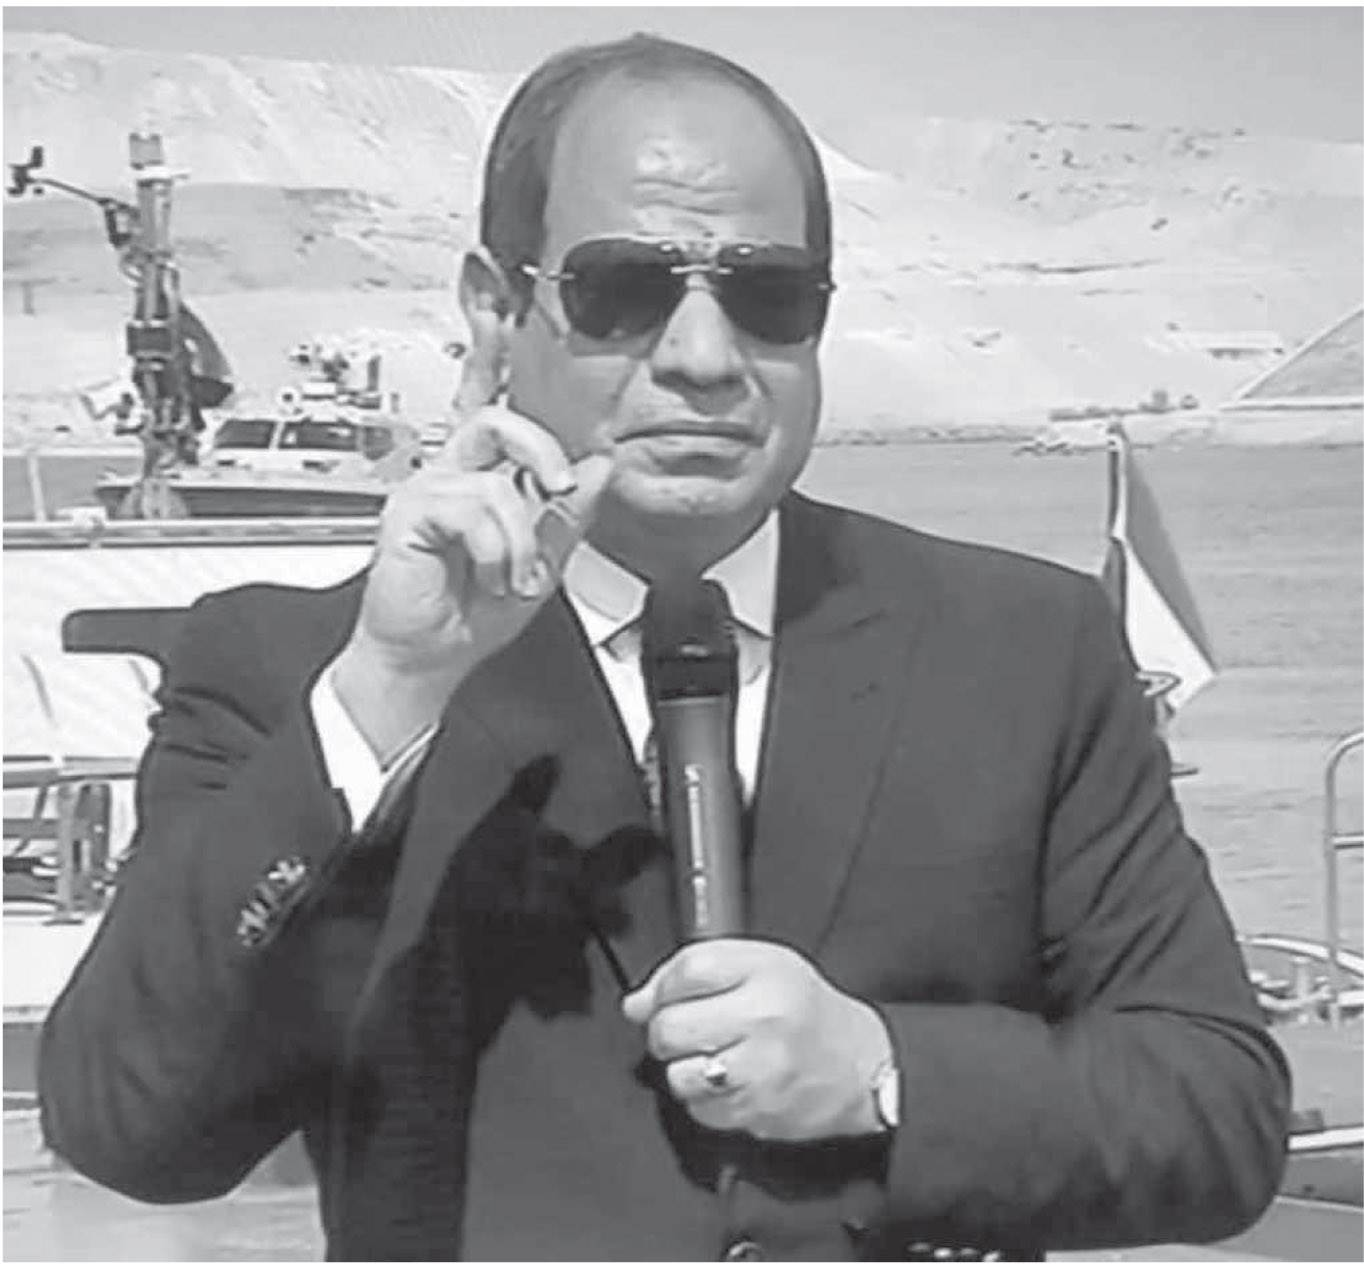 سياسات مصر رشيدة لا تهديد ولا اعتداء على أحد